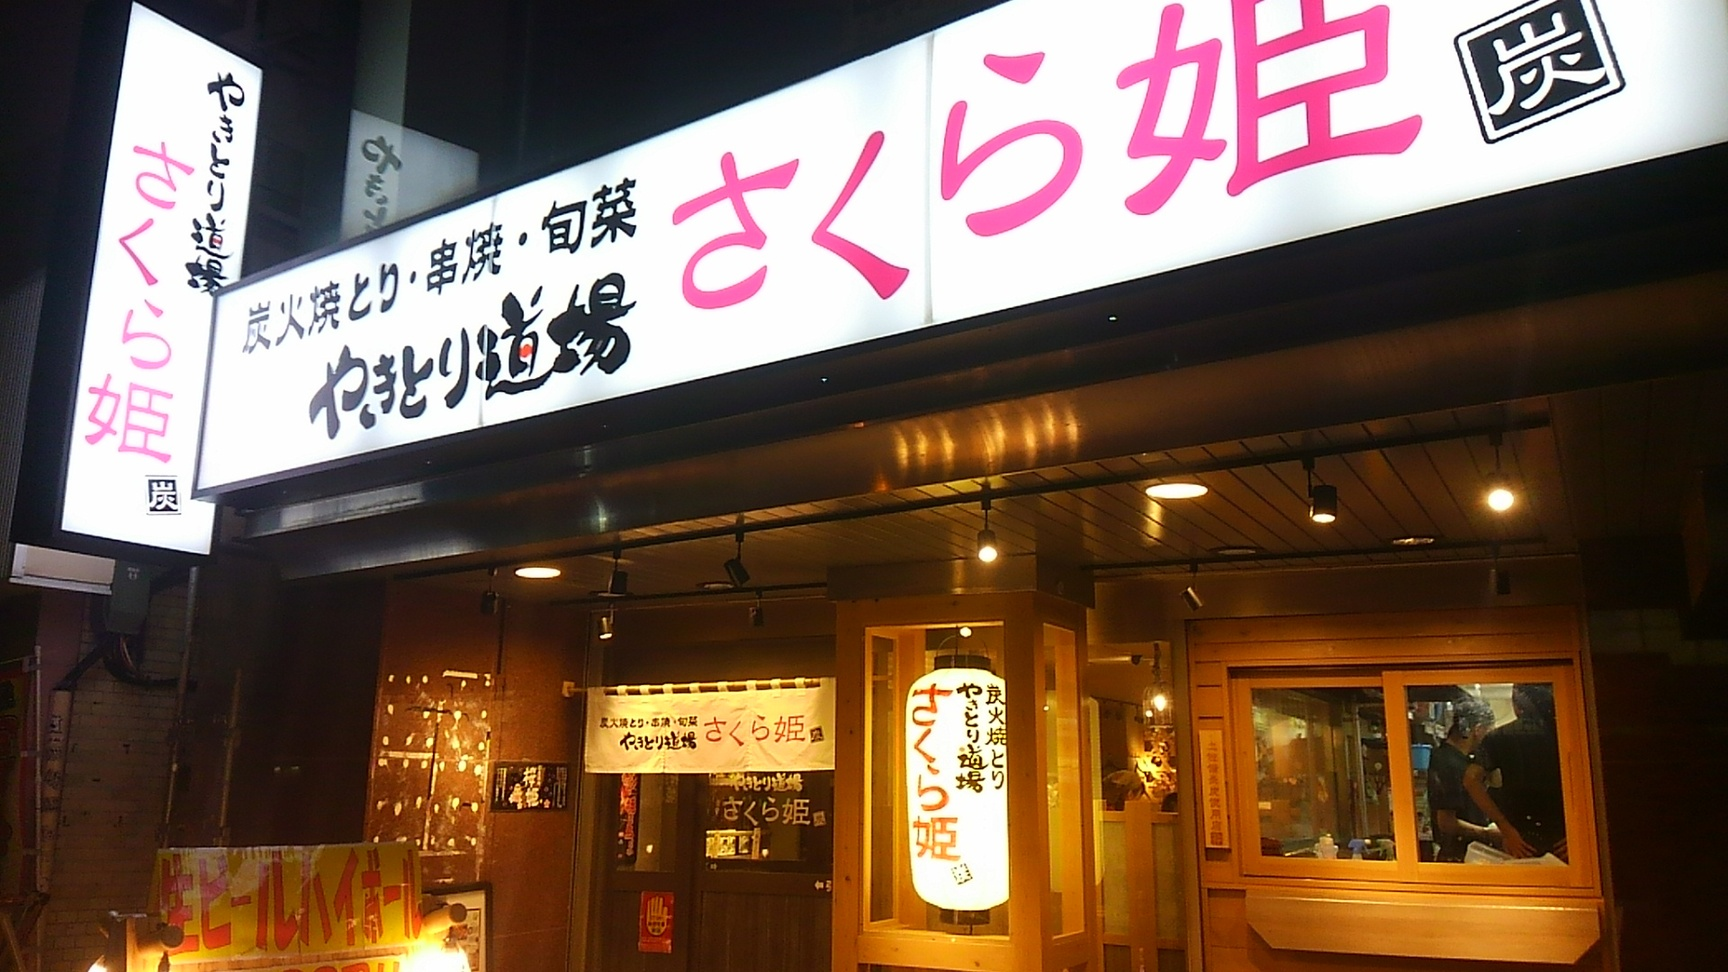 やきとり道場 さくら姫 土浦駅前店